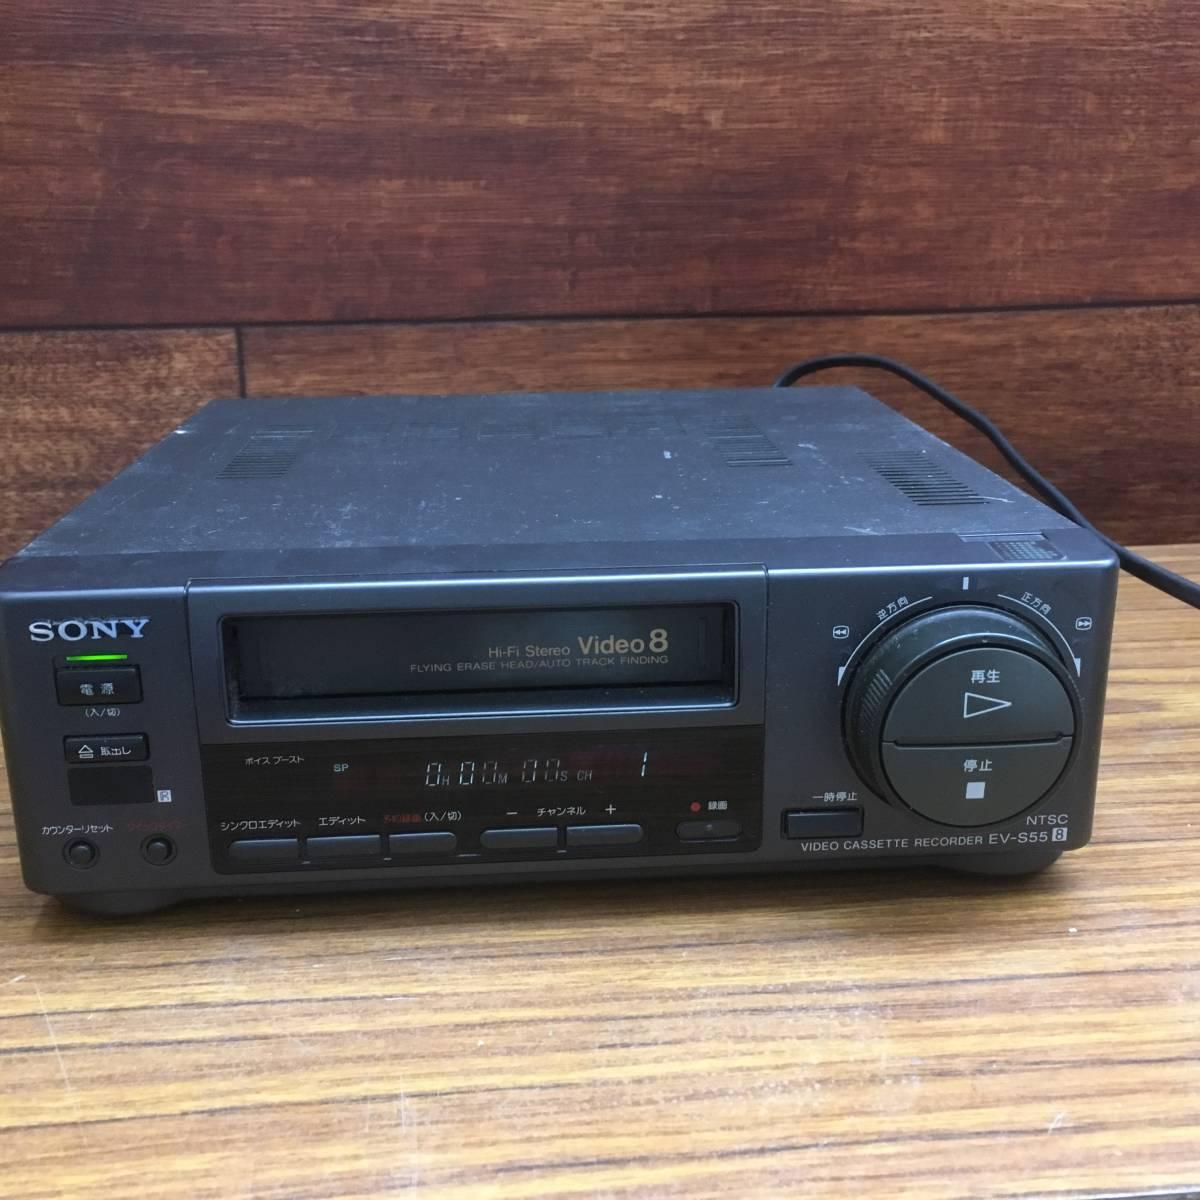 ジャンク SONY Video8ビデオデッキ EV-S55  通電確認 本体のみ 1円スタート